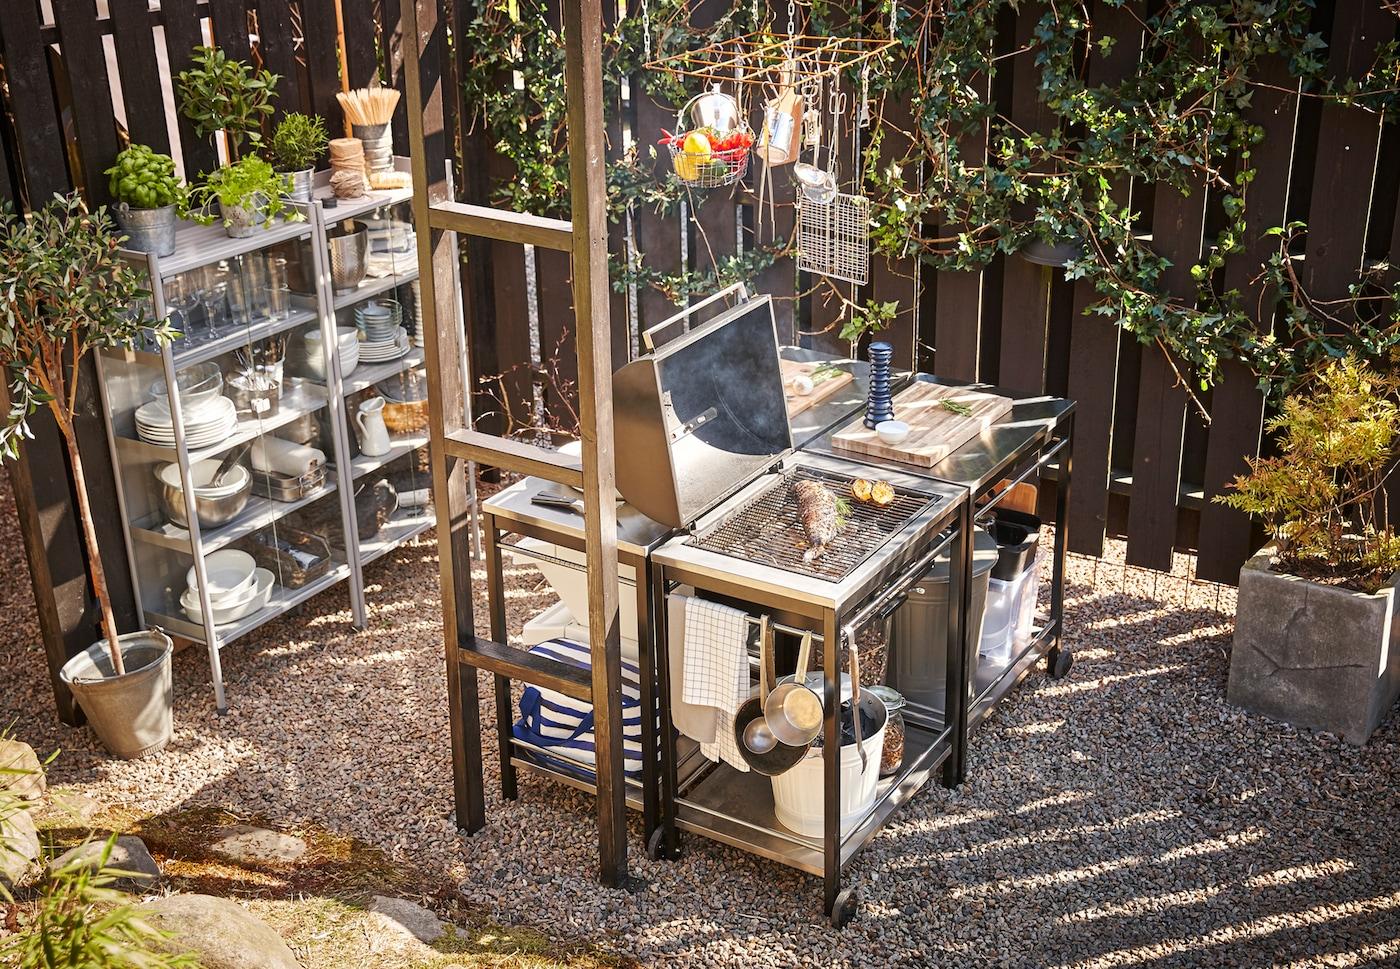 Outdoorküche Garten Edelstahl Erfahrungen : Kochen im garten outdoor küche und grills